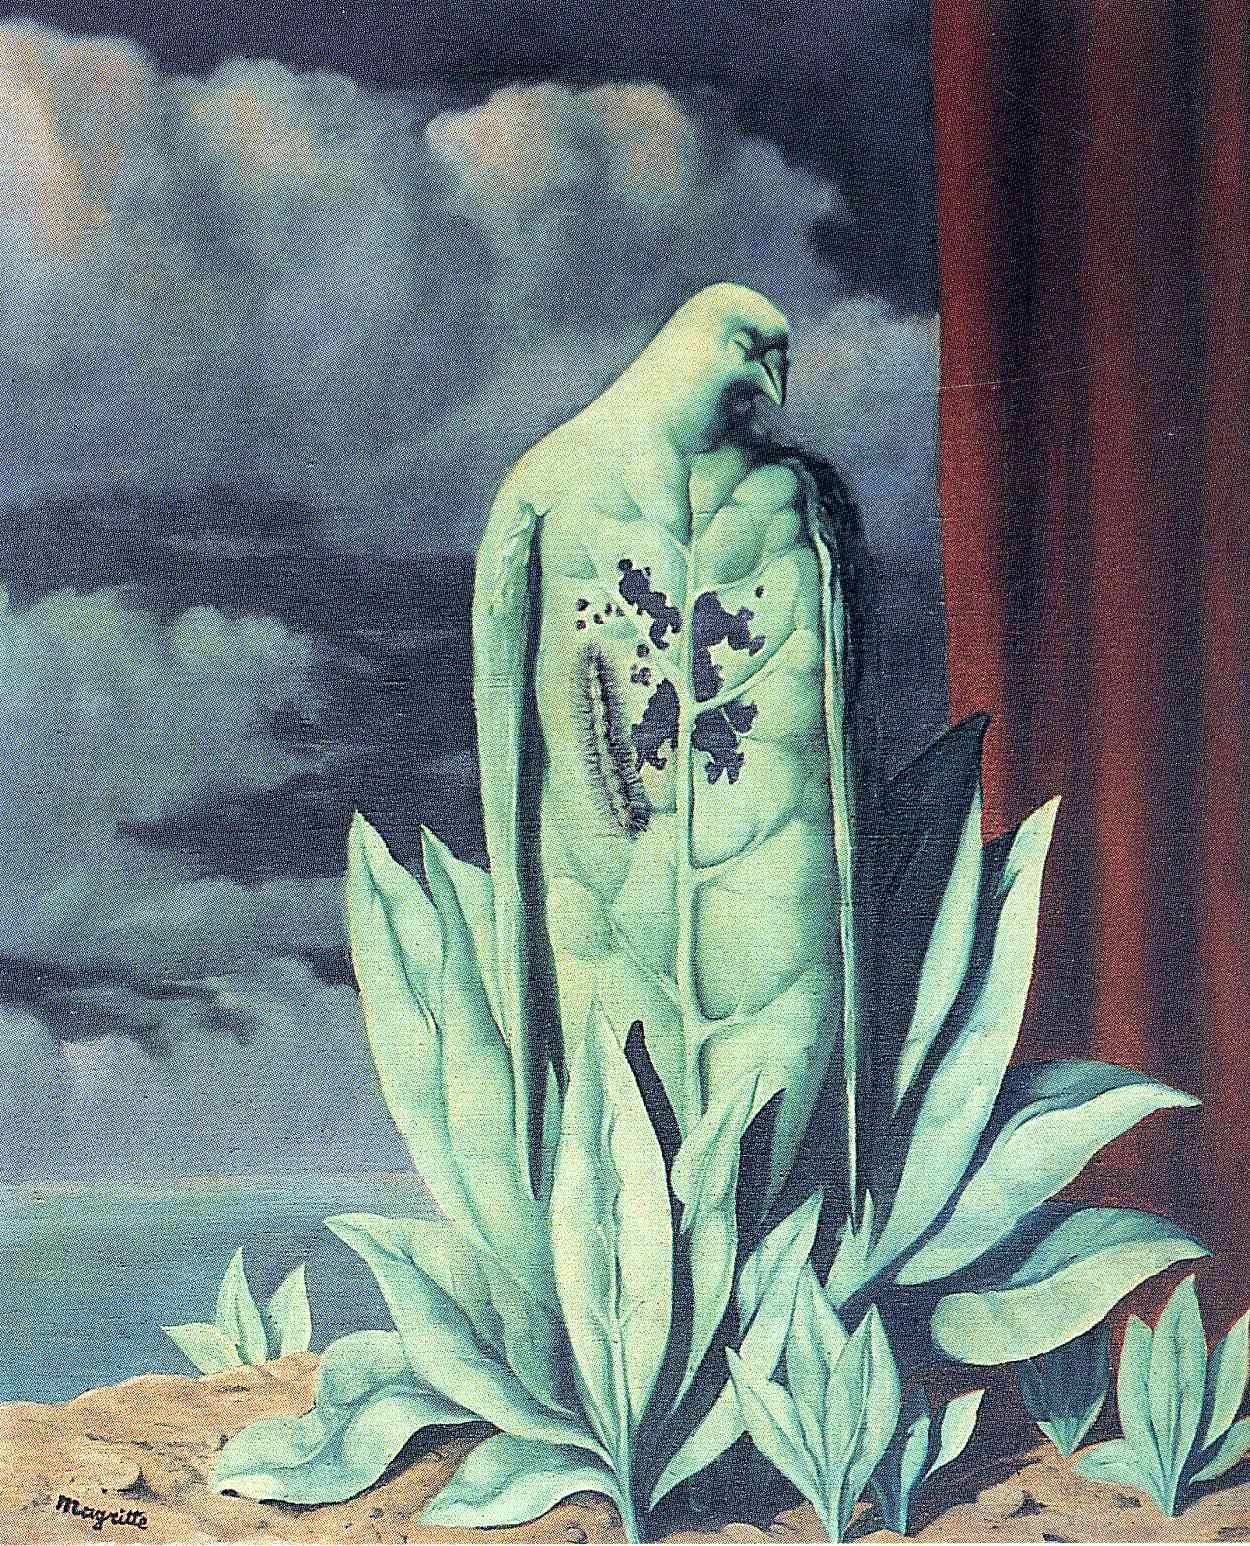 The Taste of Sorrow, 1948 Rene Magritte